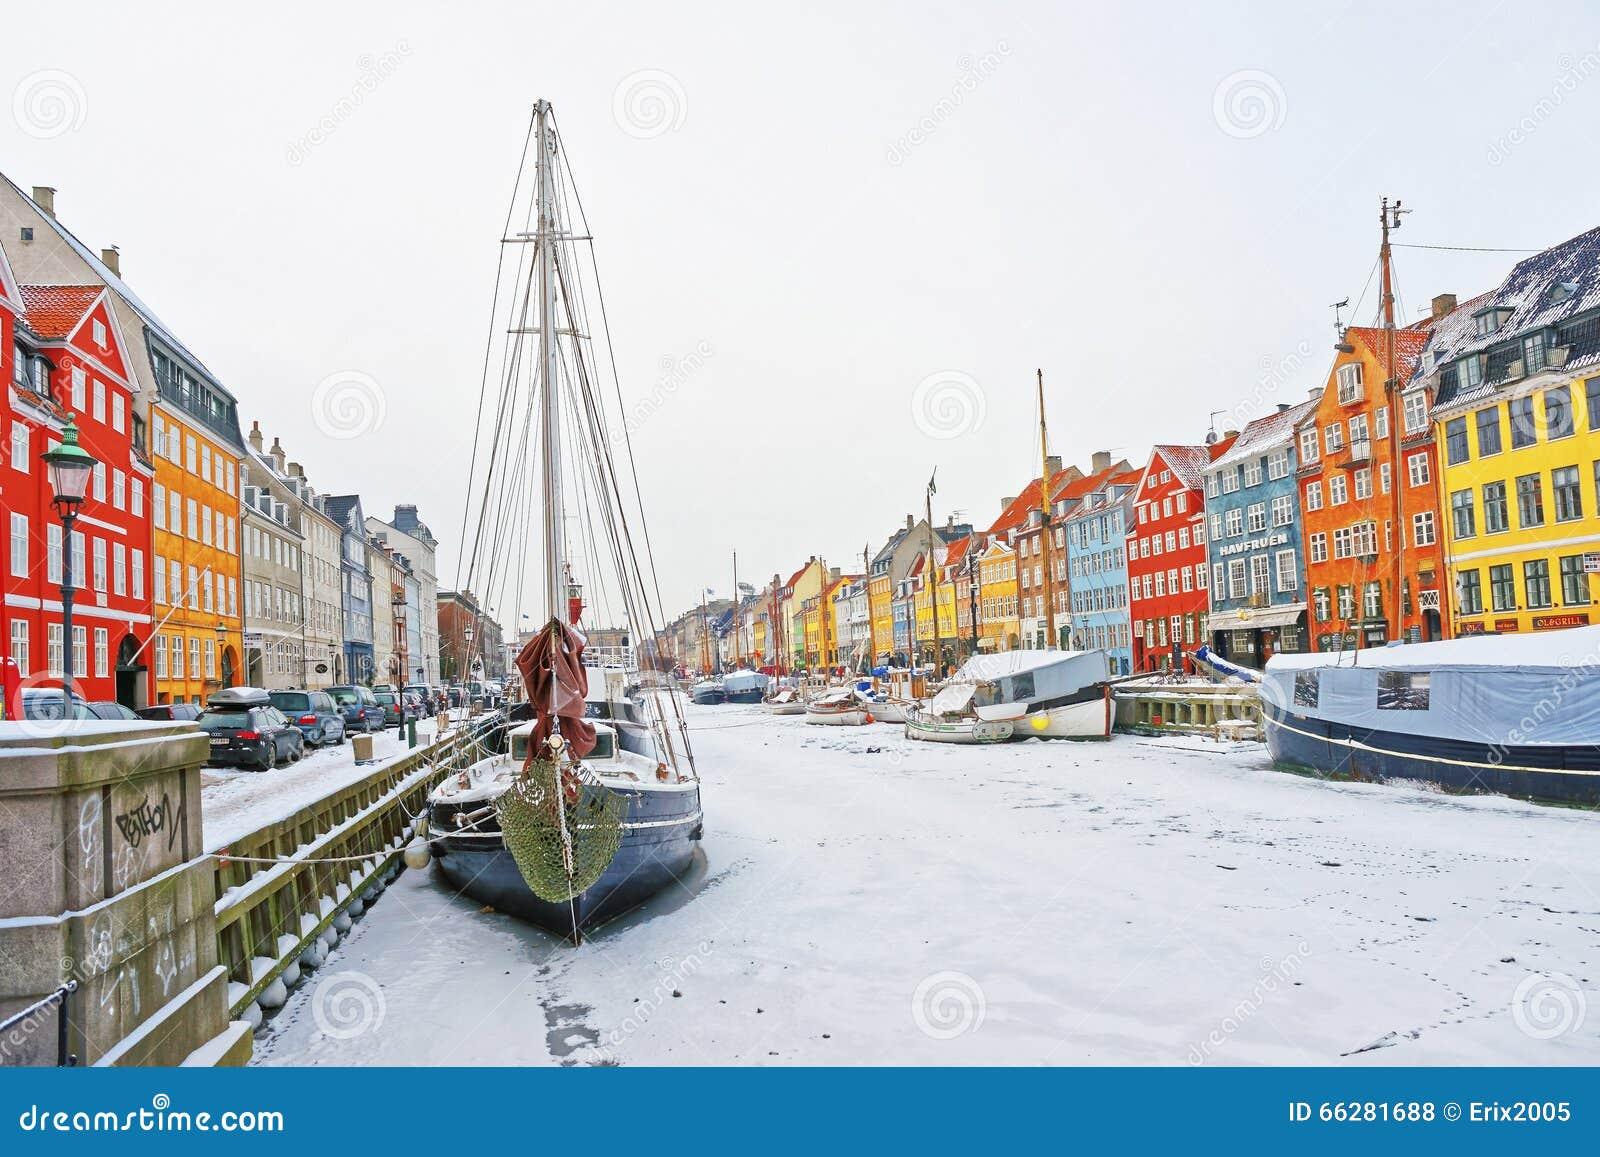 Colorful facades of Nyhavn in Copenhagen in Denmark in winter